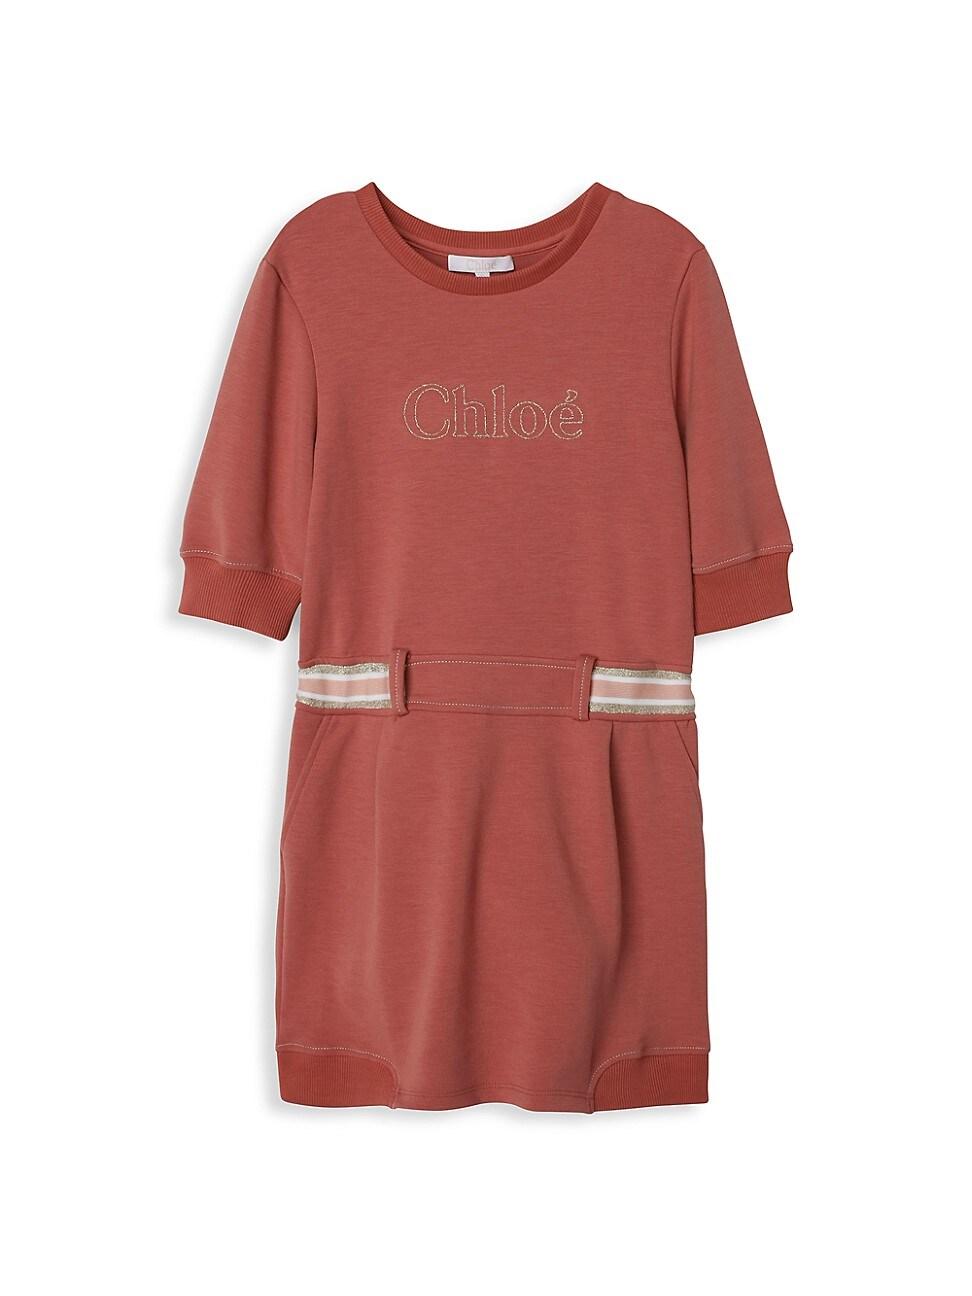 Chloé LITTLE GIRL'S & GIRL'S LOGO BRAID DRESS